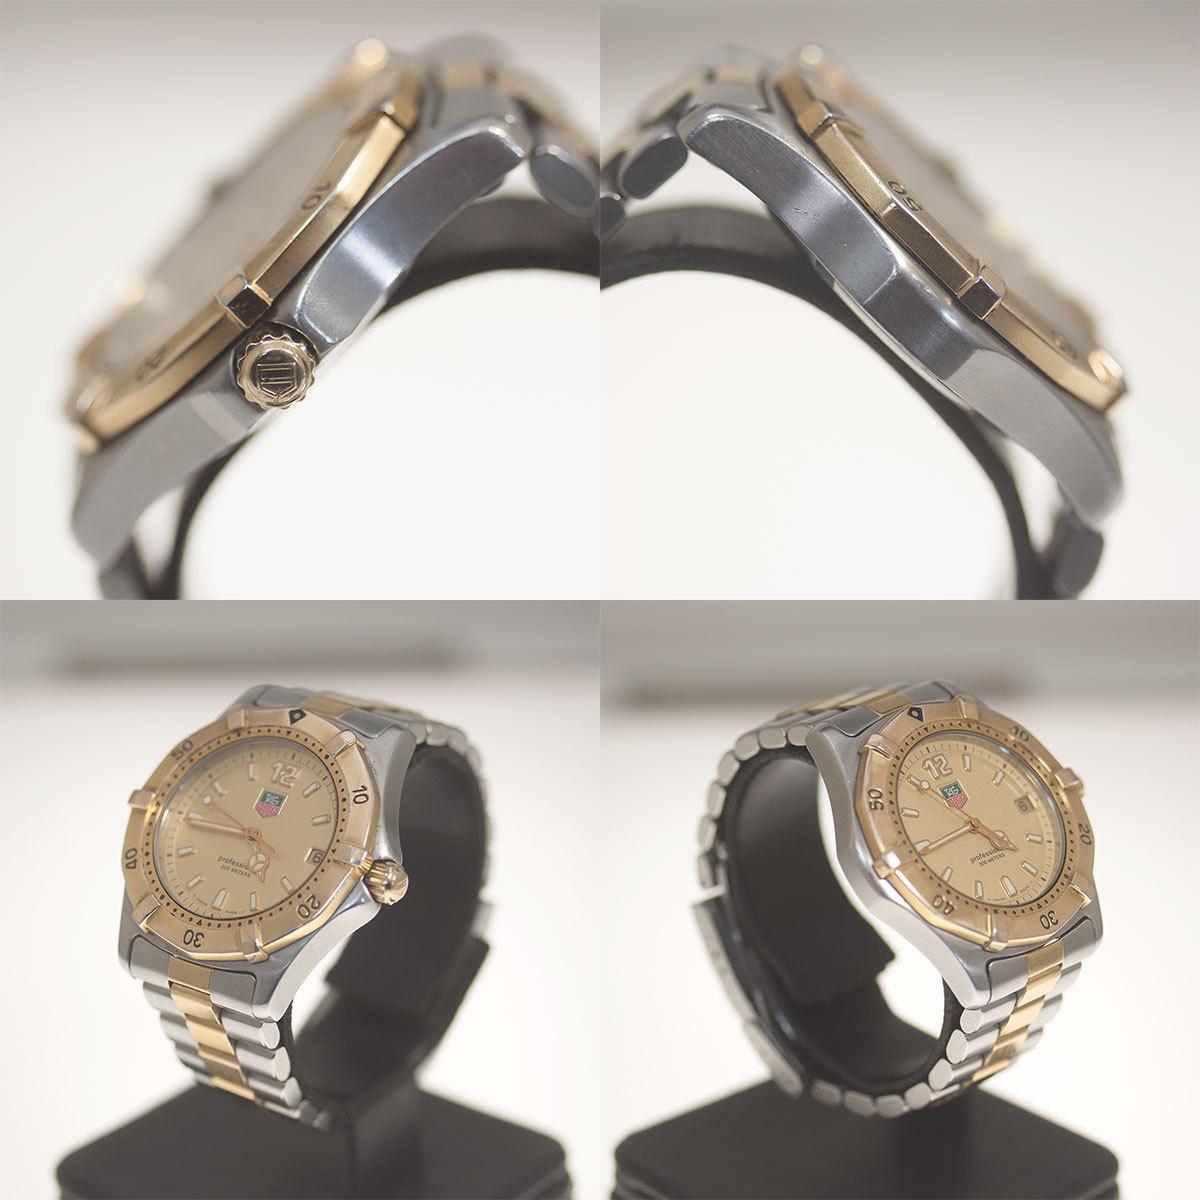 【TAG HEUER】タグホイヤー WK1121「プロフェッショナル 200m」クォーツ メンズ 腕時計【中古品】_画像6